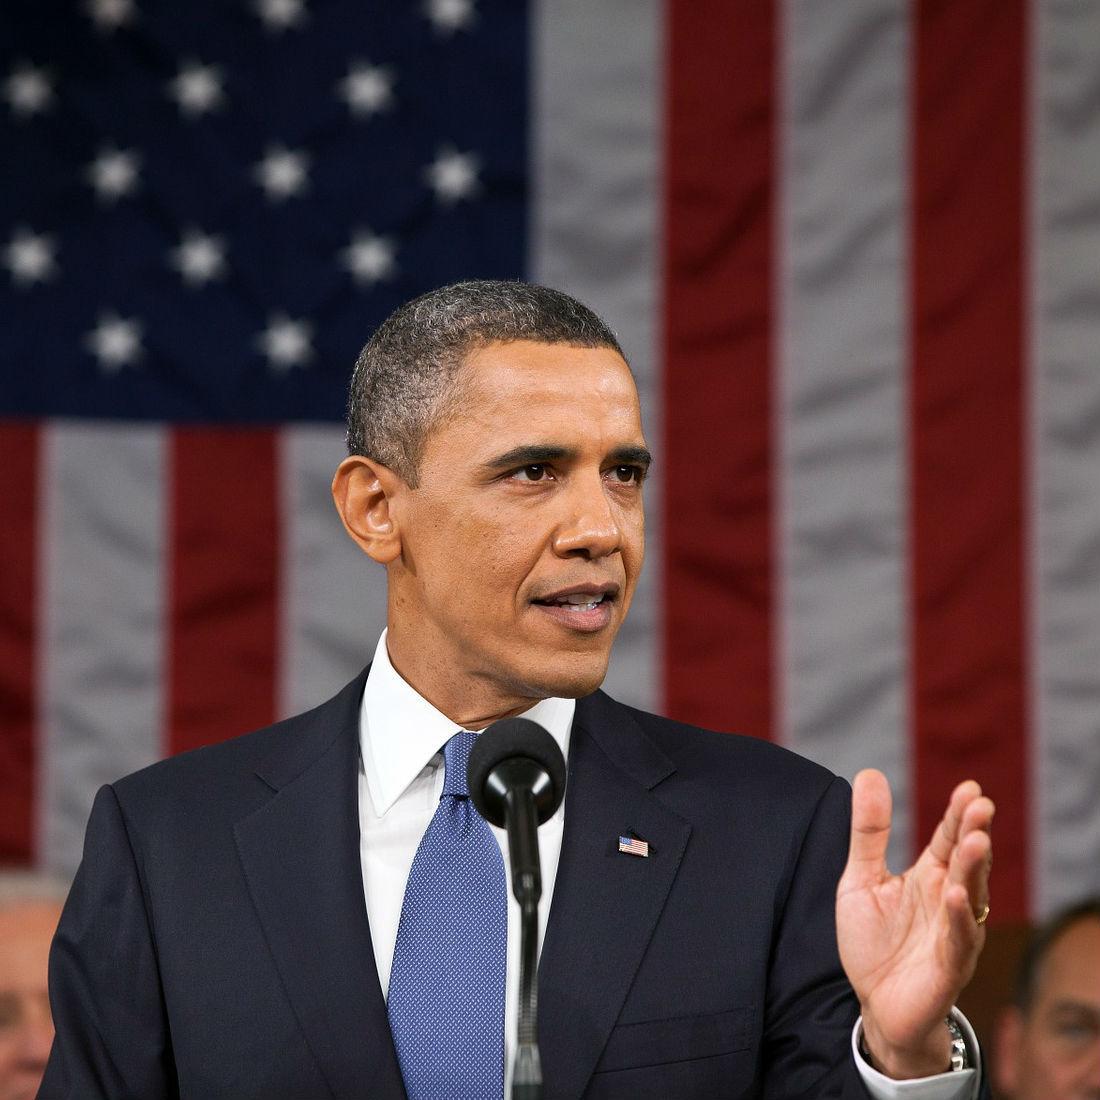 オバマの「チェンジ」とは後退だったのか?――退任演説から見えた民主主義の哲学